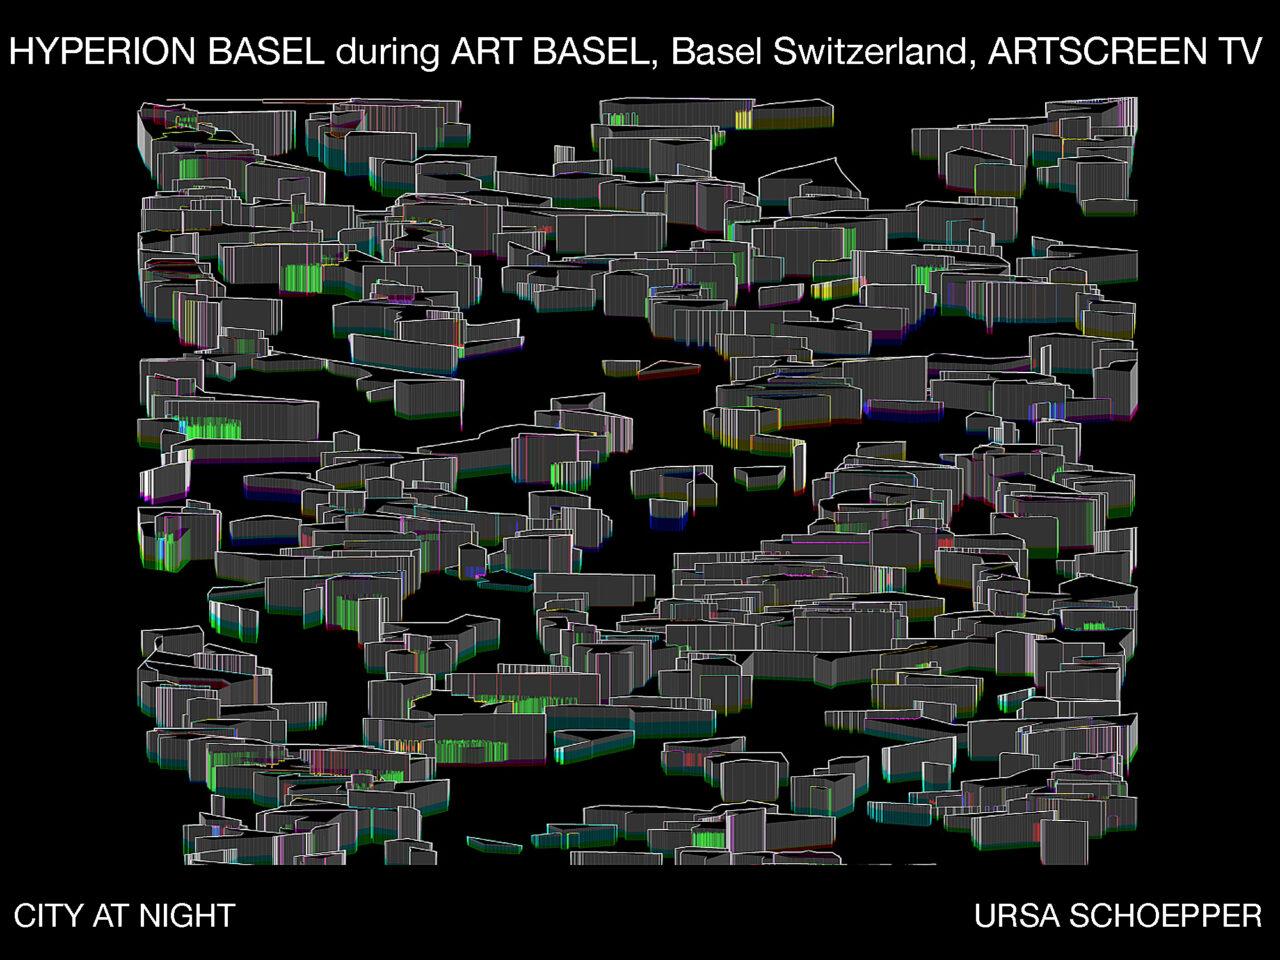 HYPERION BASEL during ART BASEL, Basel Switzerland, ARTSCREEN TV